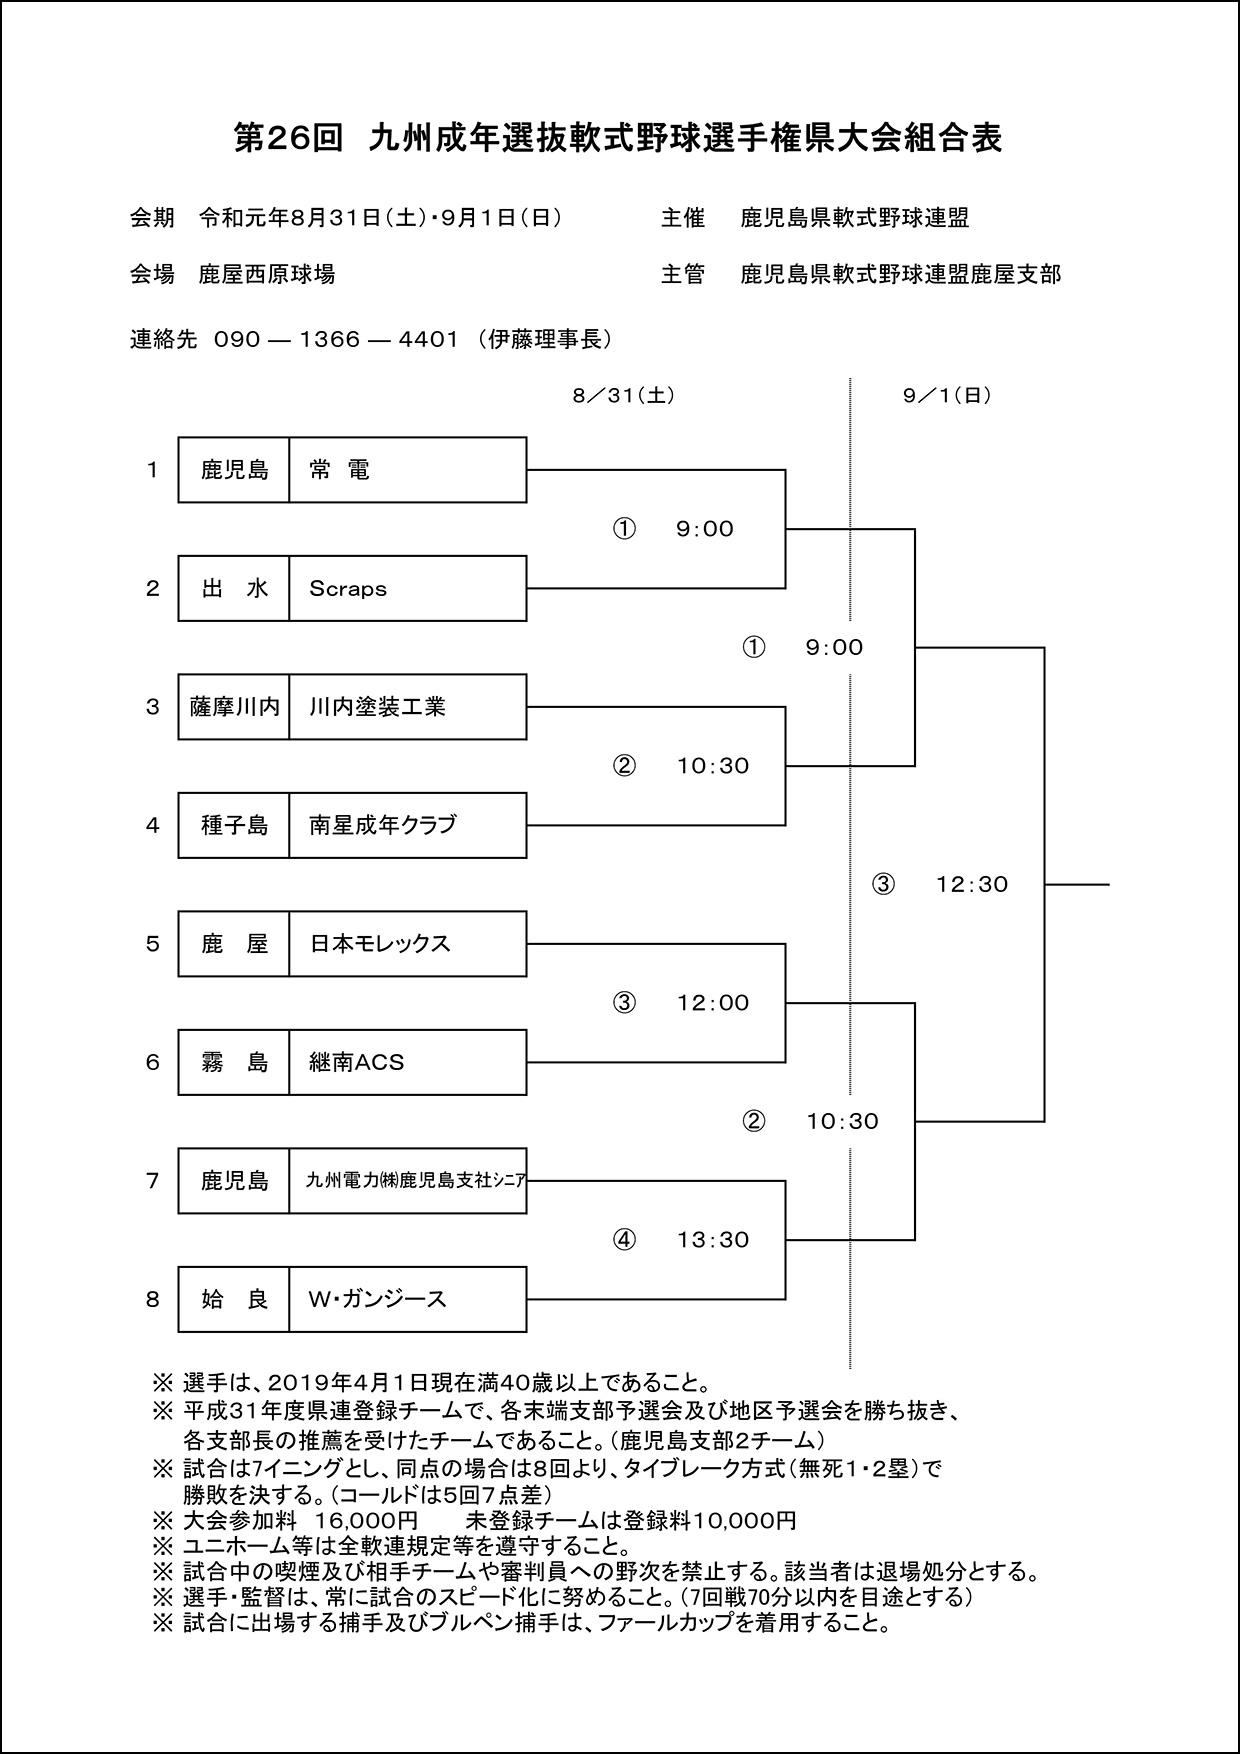 【組合せ表】九州地区成年県大会